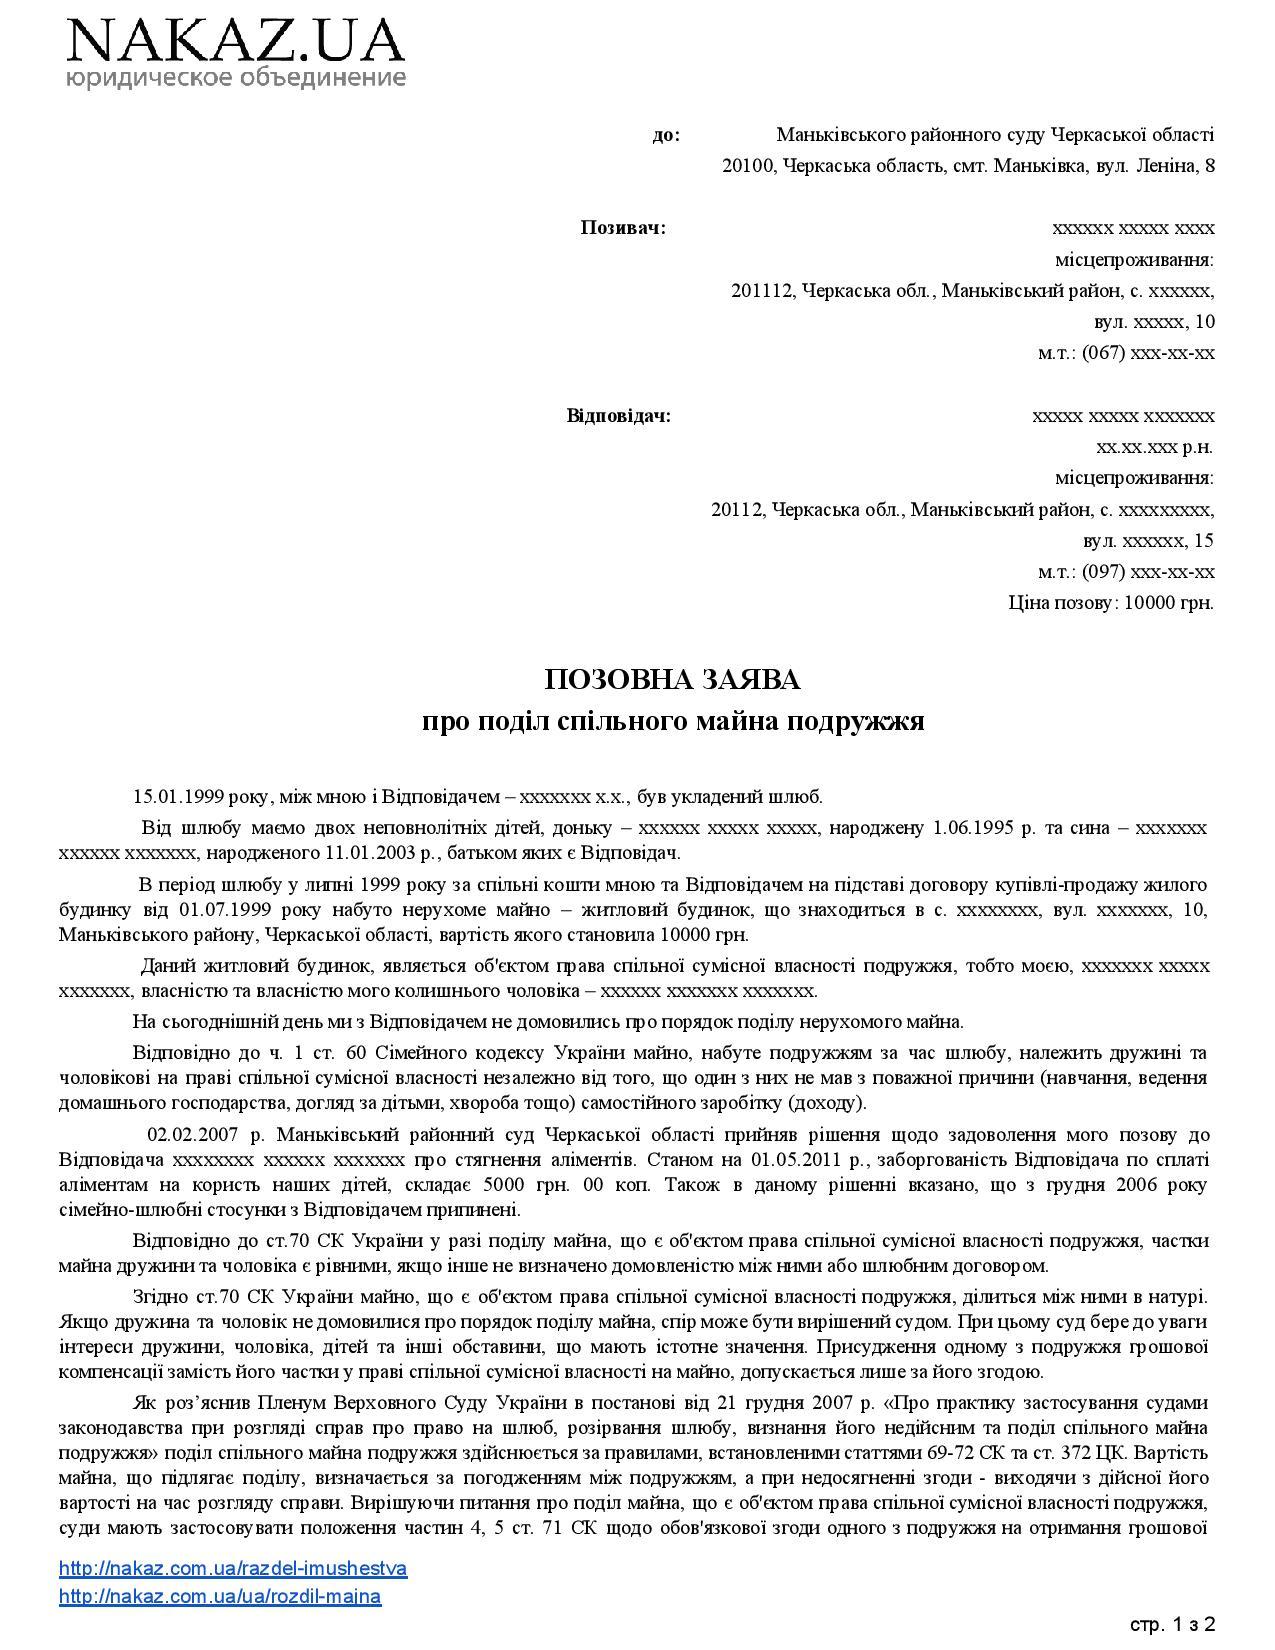 Перевод дачи в жилой дом через суд исковое заявление